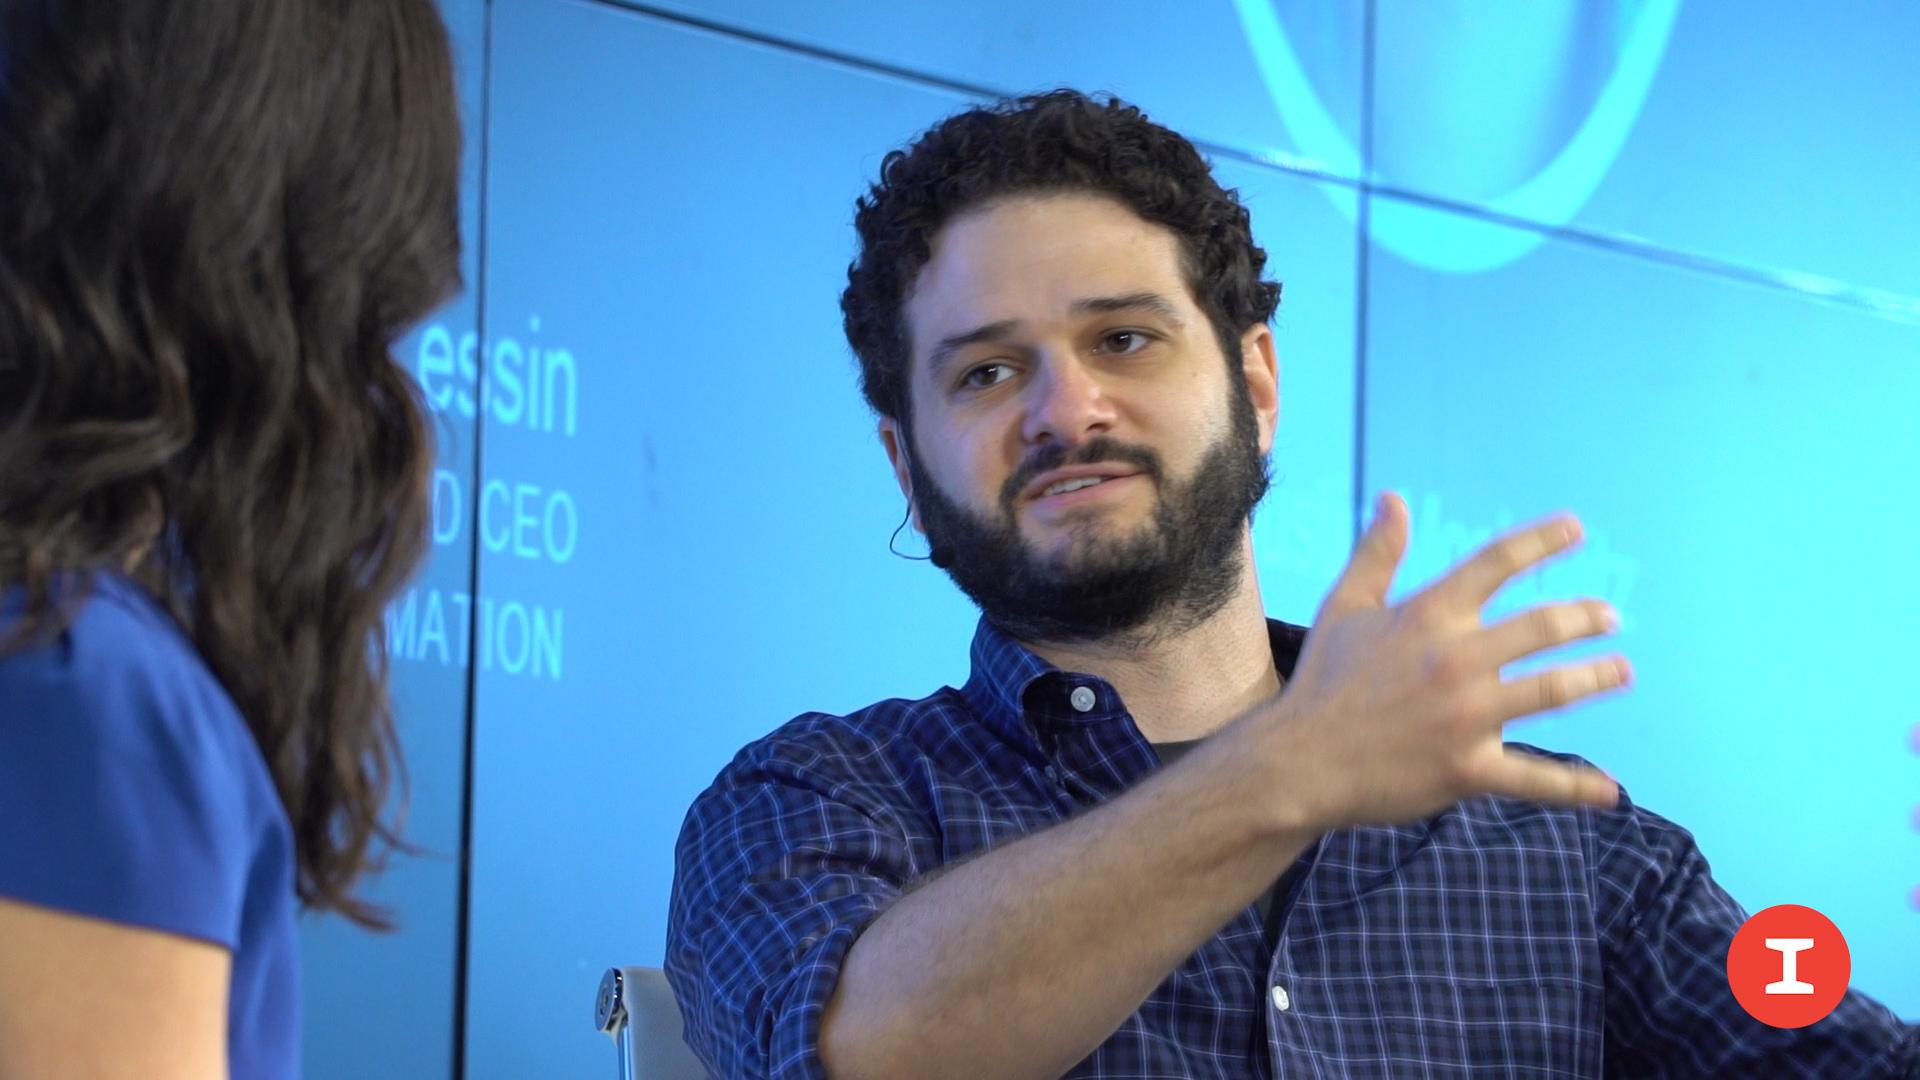 Asana's Dustin Moskovitz on Boosting Diversity